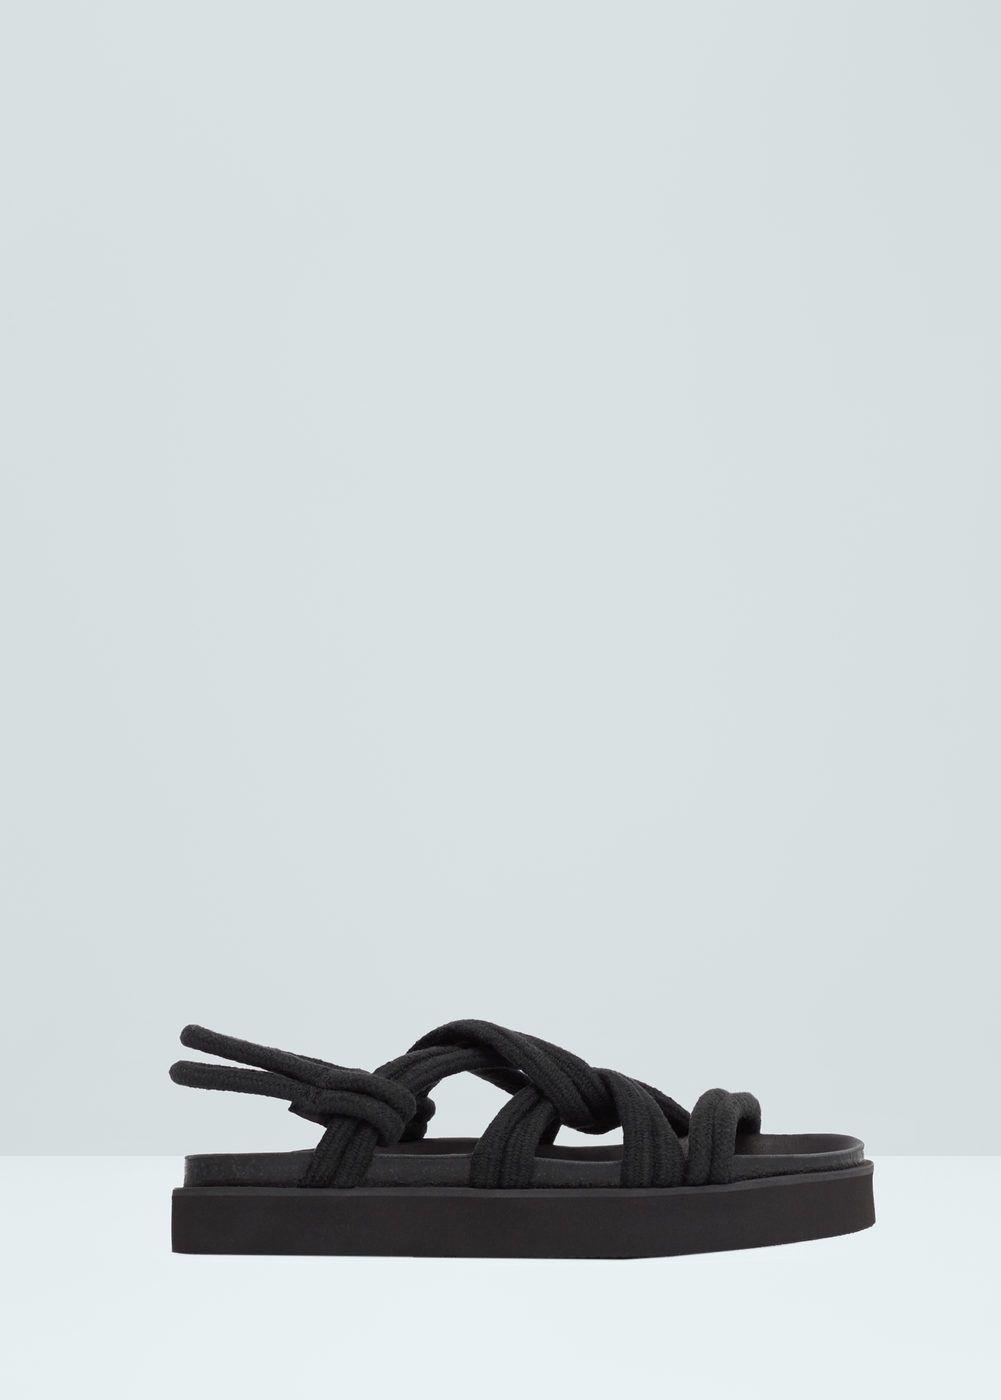 Chaussures - Bottes Cheville Icône Laboratoire dFby5yx